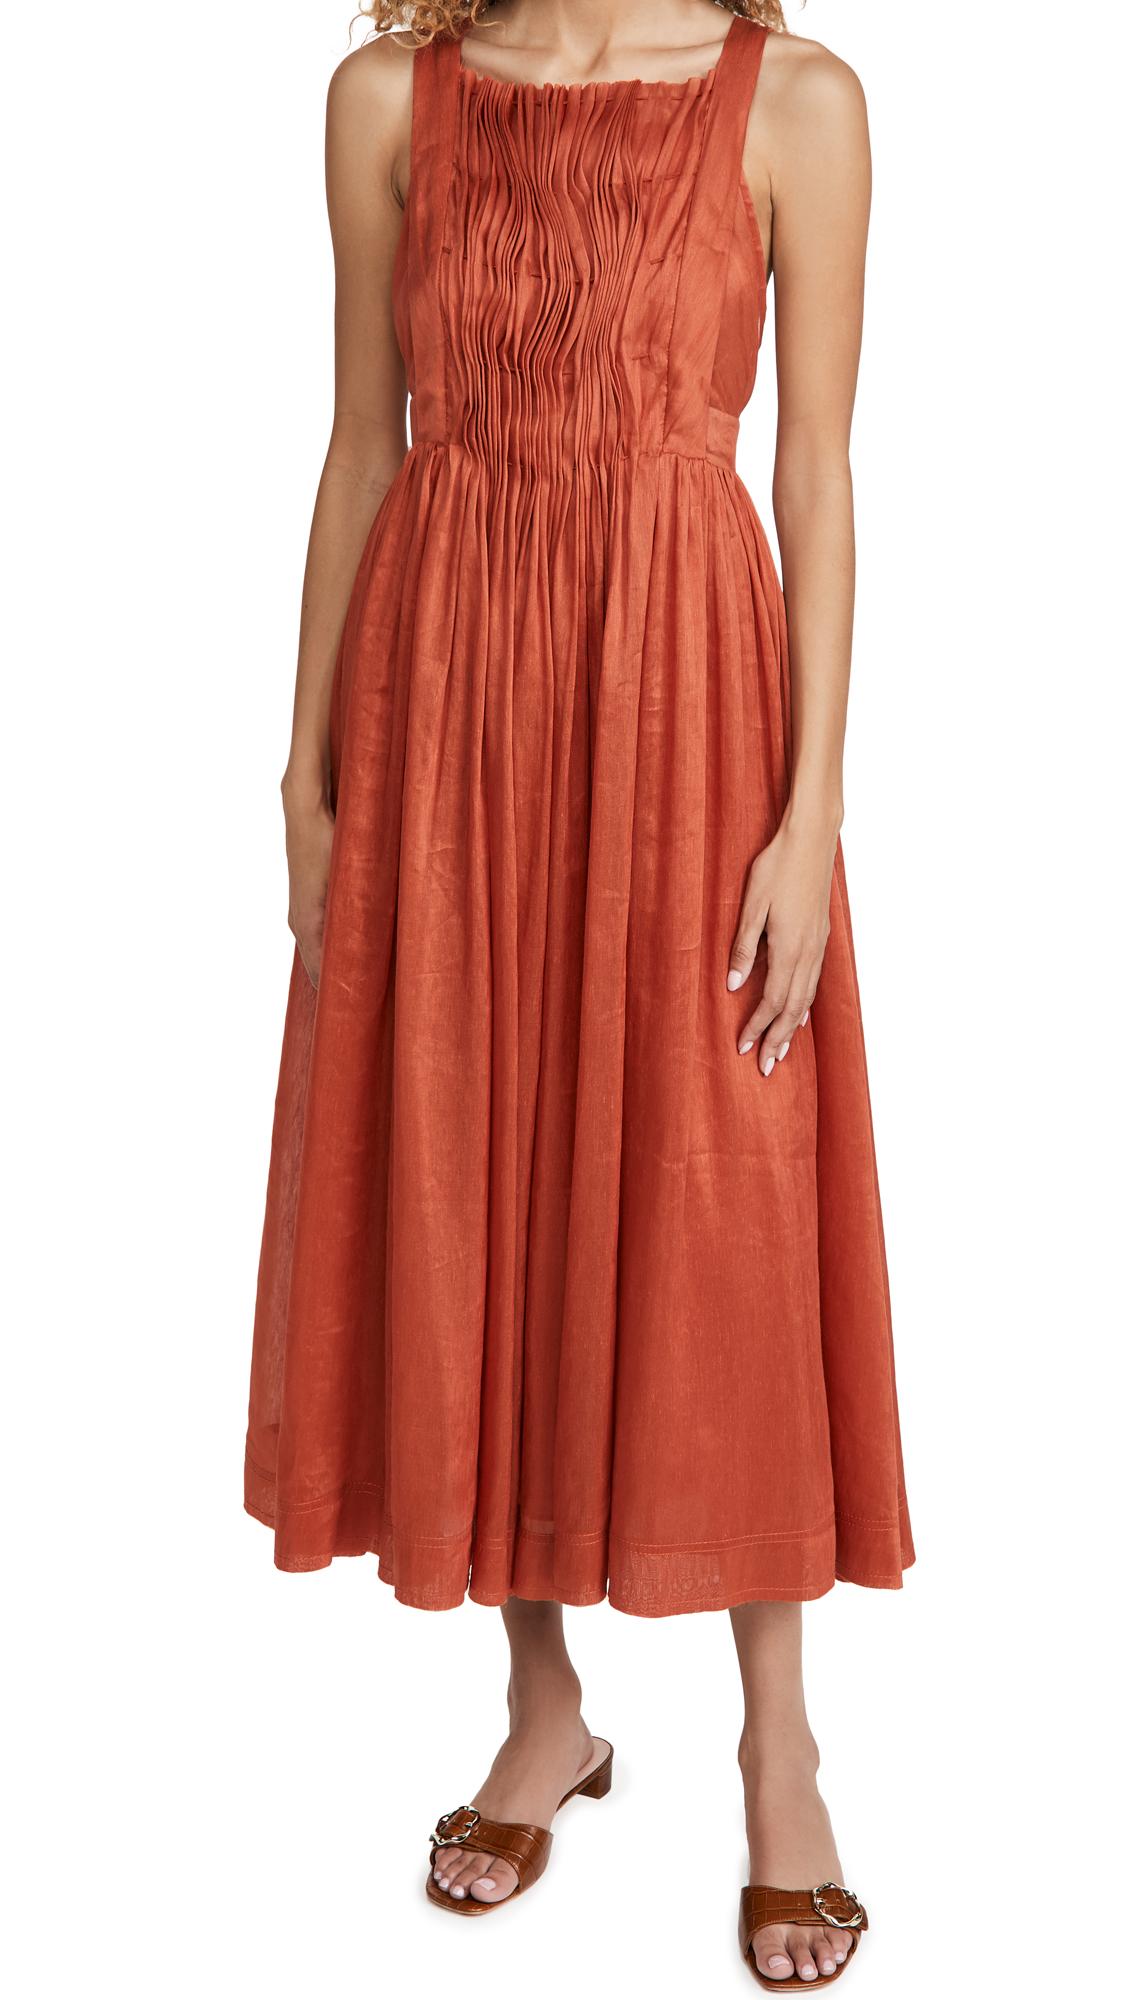 Aje Unfold Dress